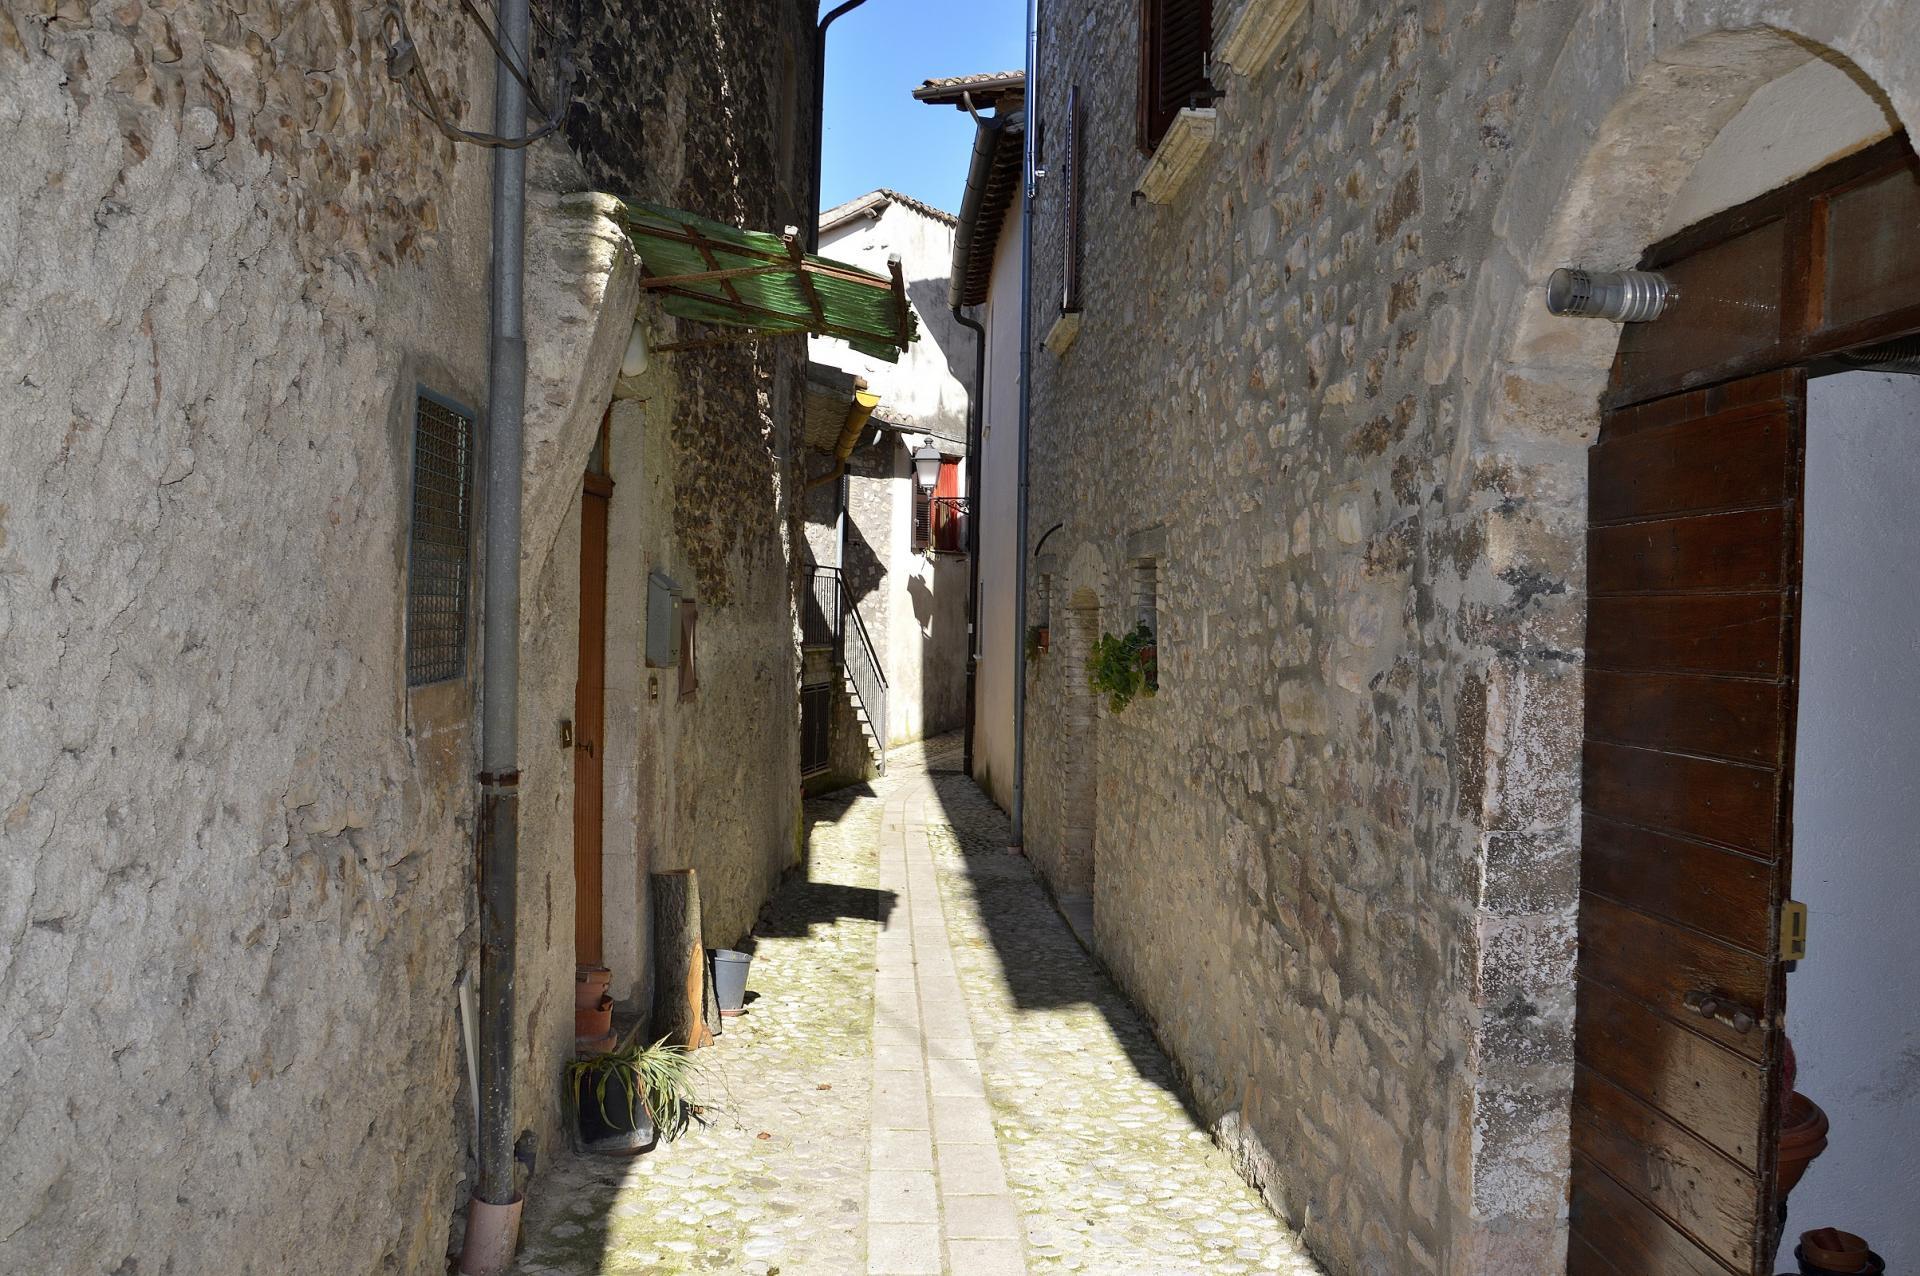 Appartamento in vendita a Sant'Anatolia di Narco, 1 locali, prezzo € 29.000 | Cambio Casa.it